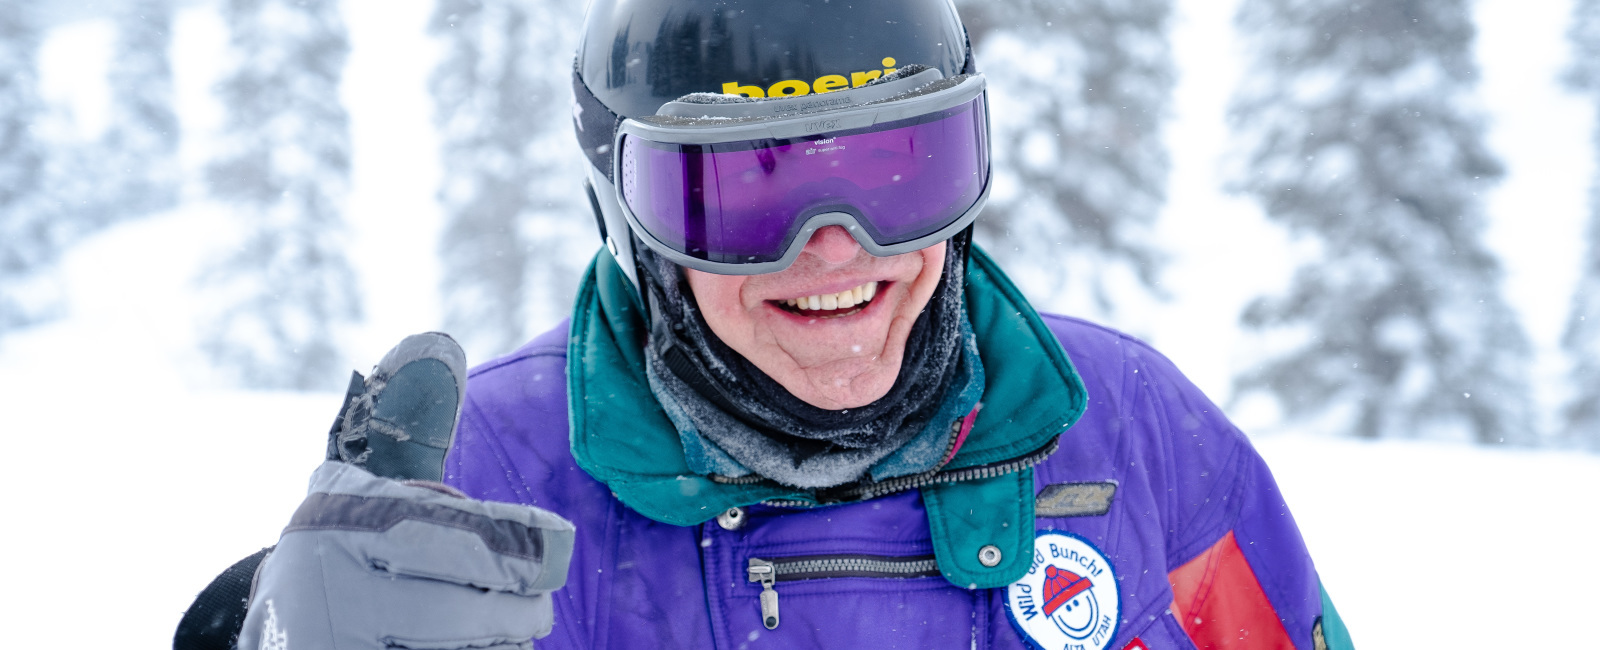 101-Year-Old Skier - George Jedenoff